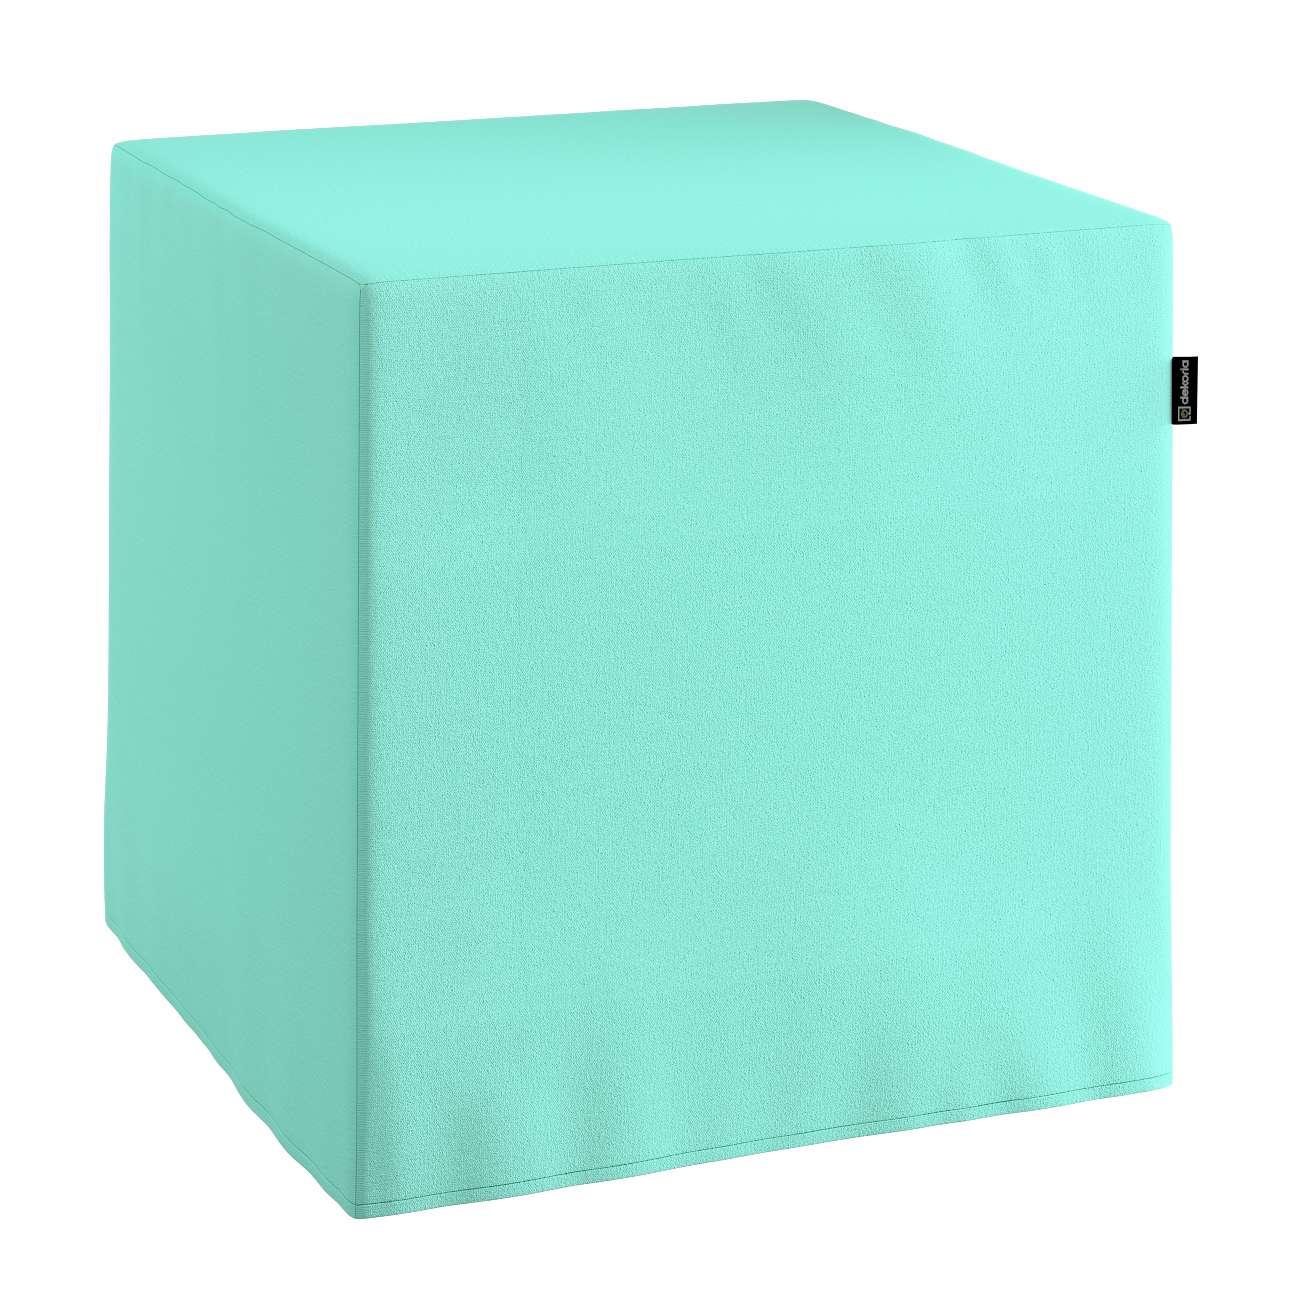 Bezug für Sitzwürfel Bezug für Sitzwürfel 40x40x40 cm von der Kollektion Loneta, Stoff: 133-32